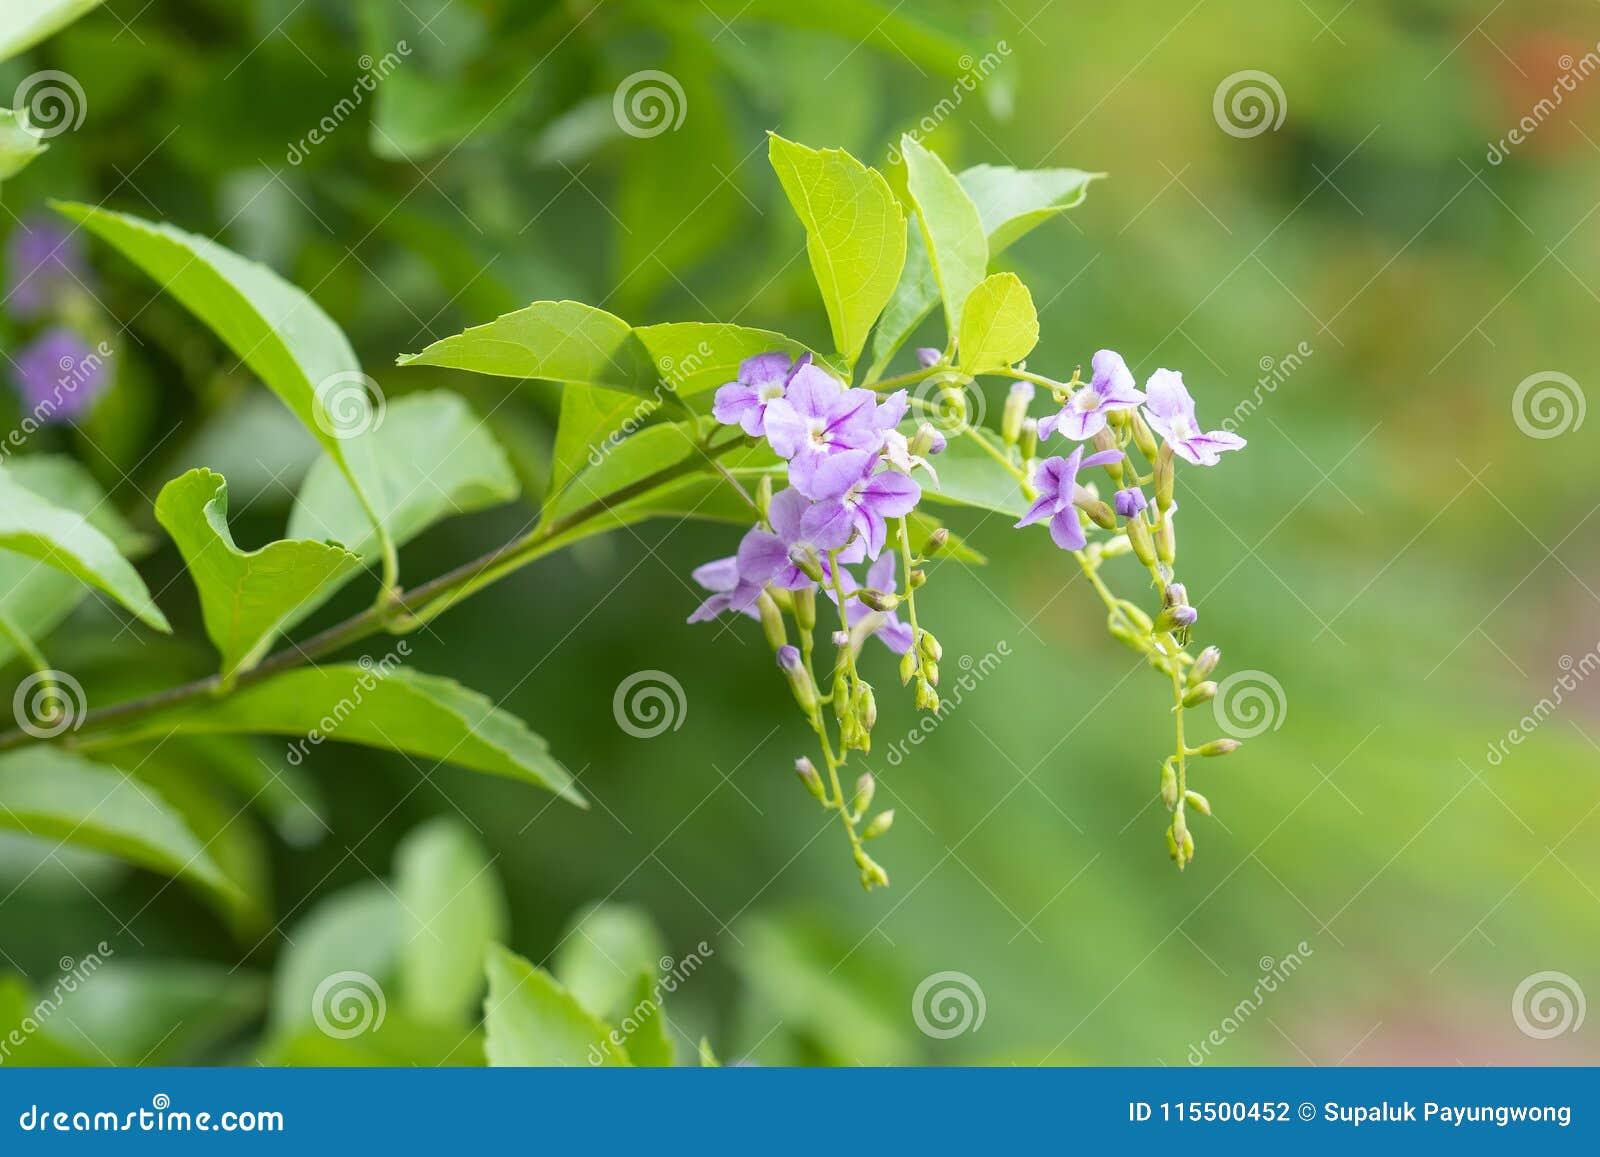 Το πορφυρό λουλούδι σε πράσινο βγάζει φύλλα Πυροβολισμός που συλλαμβάνεται αυτός ο στο βασιλιά Rama 9ο Pak στη Μπανγκόκ Ταϊλάνδη